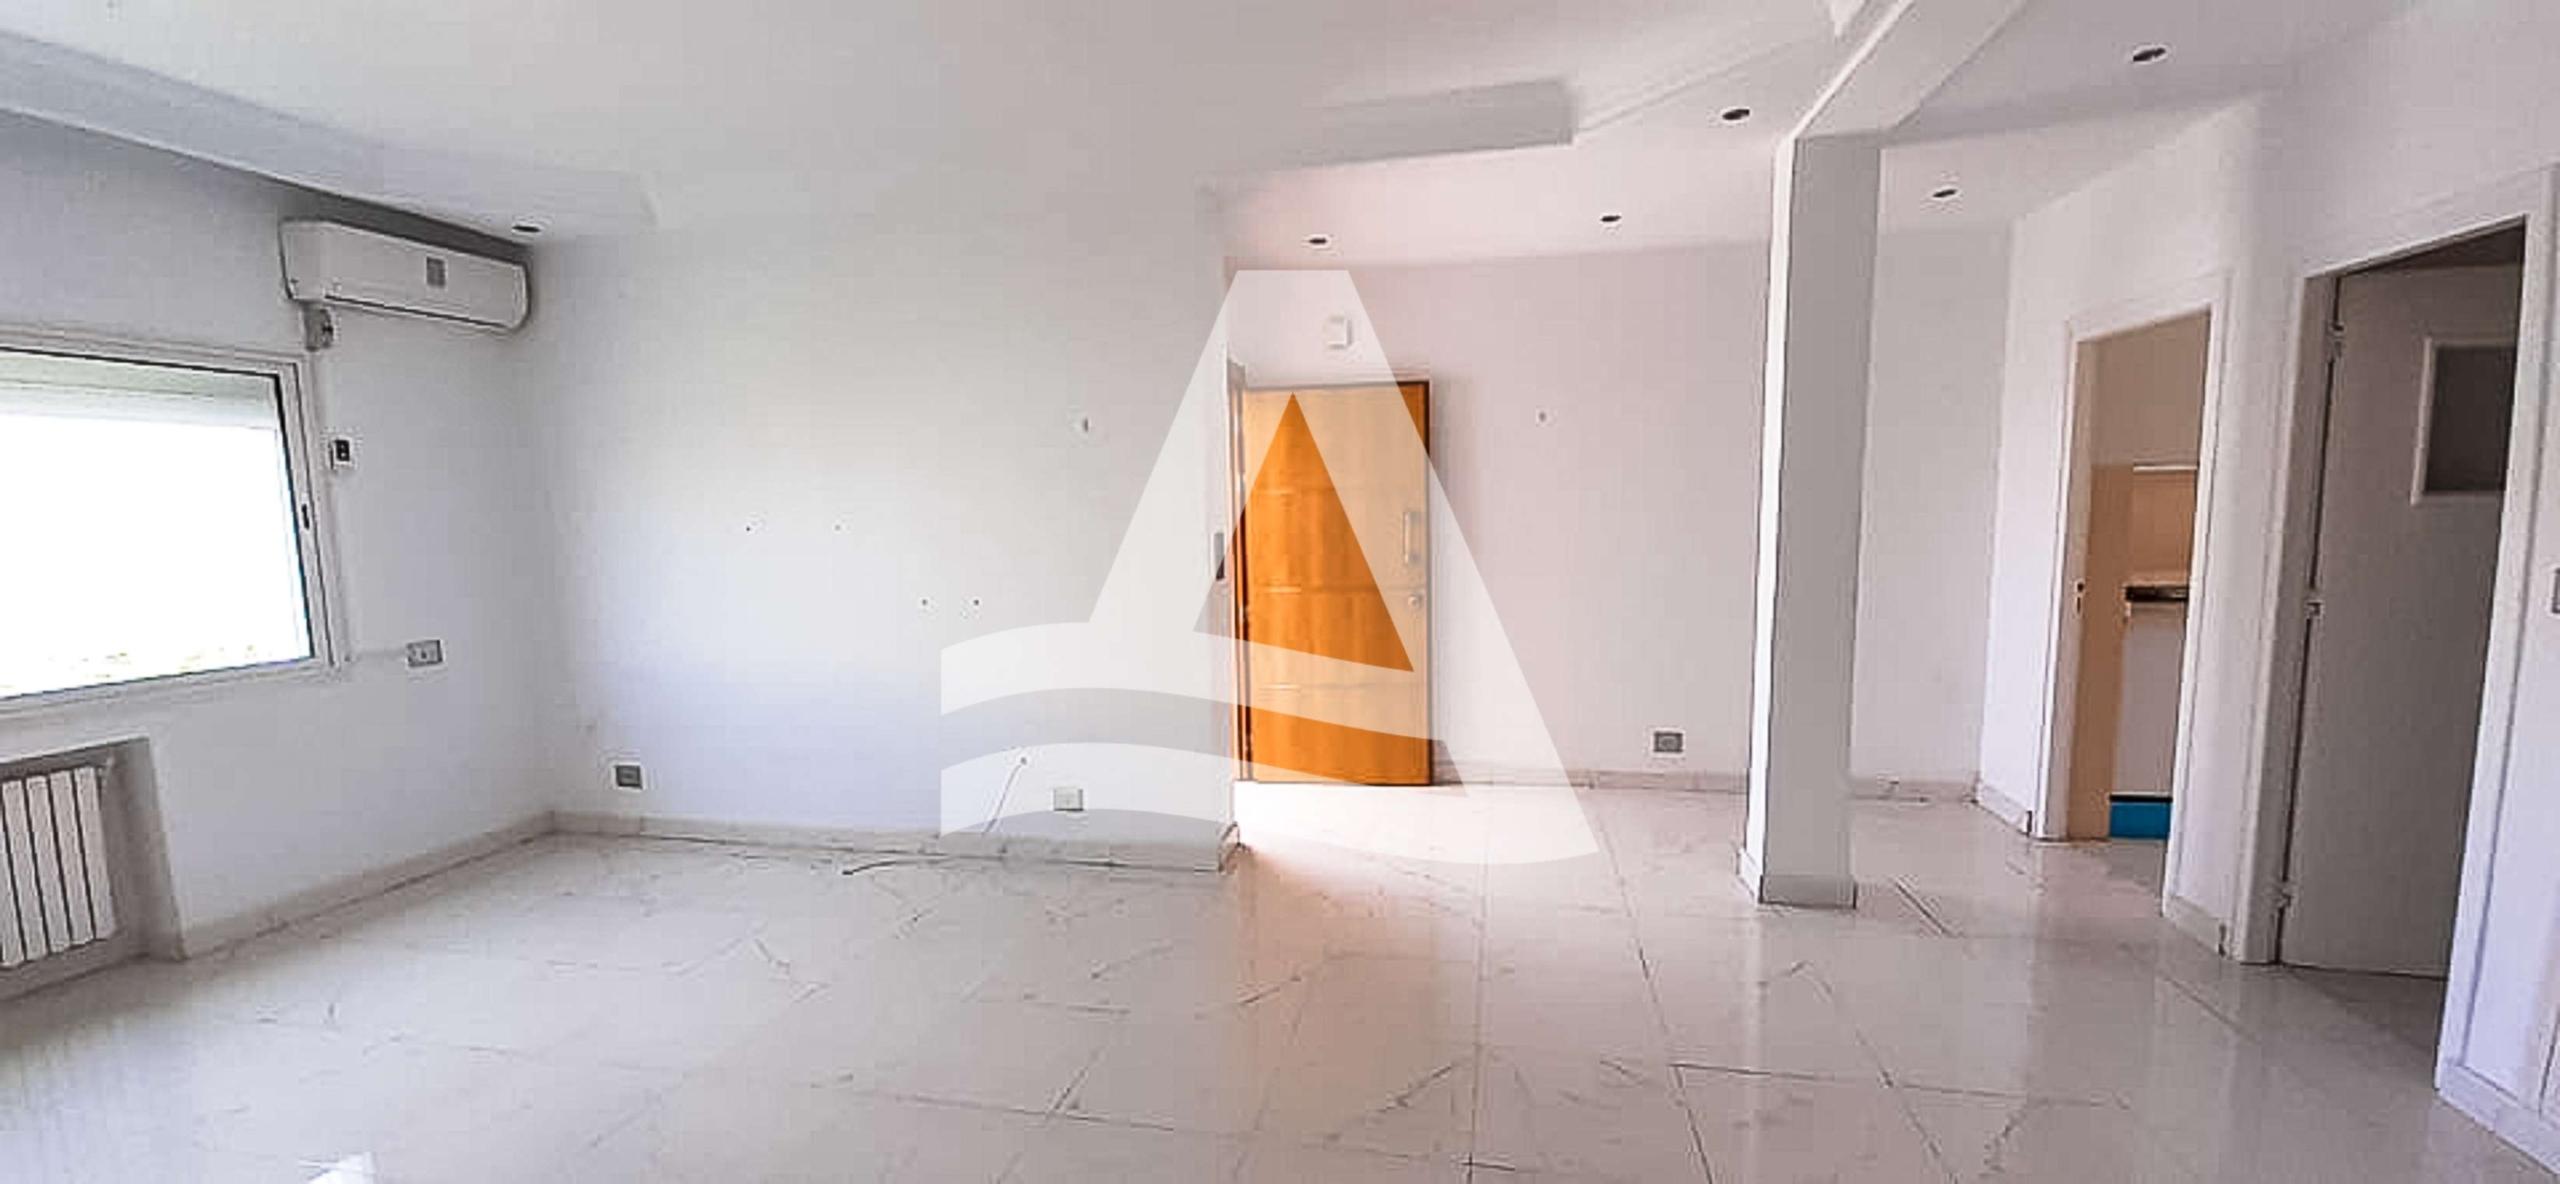 httpss3.amazonaws.comlogimoaws5391158561589016105_Arcane_immobilière_la_Marsa-_location_-_vente_la_marsa__-2